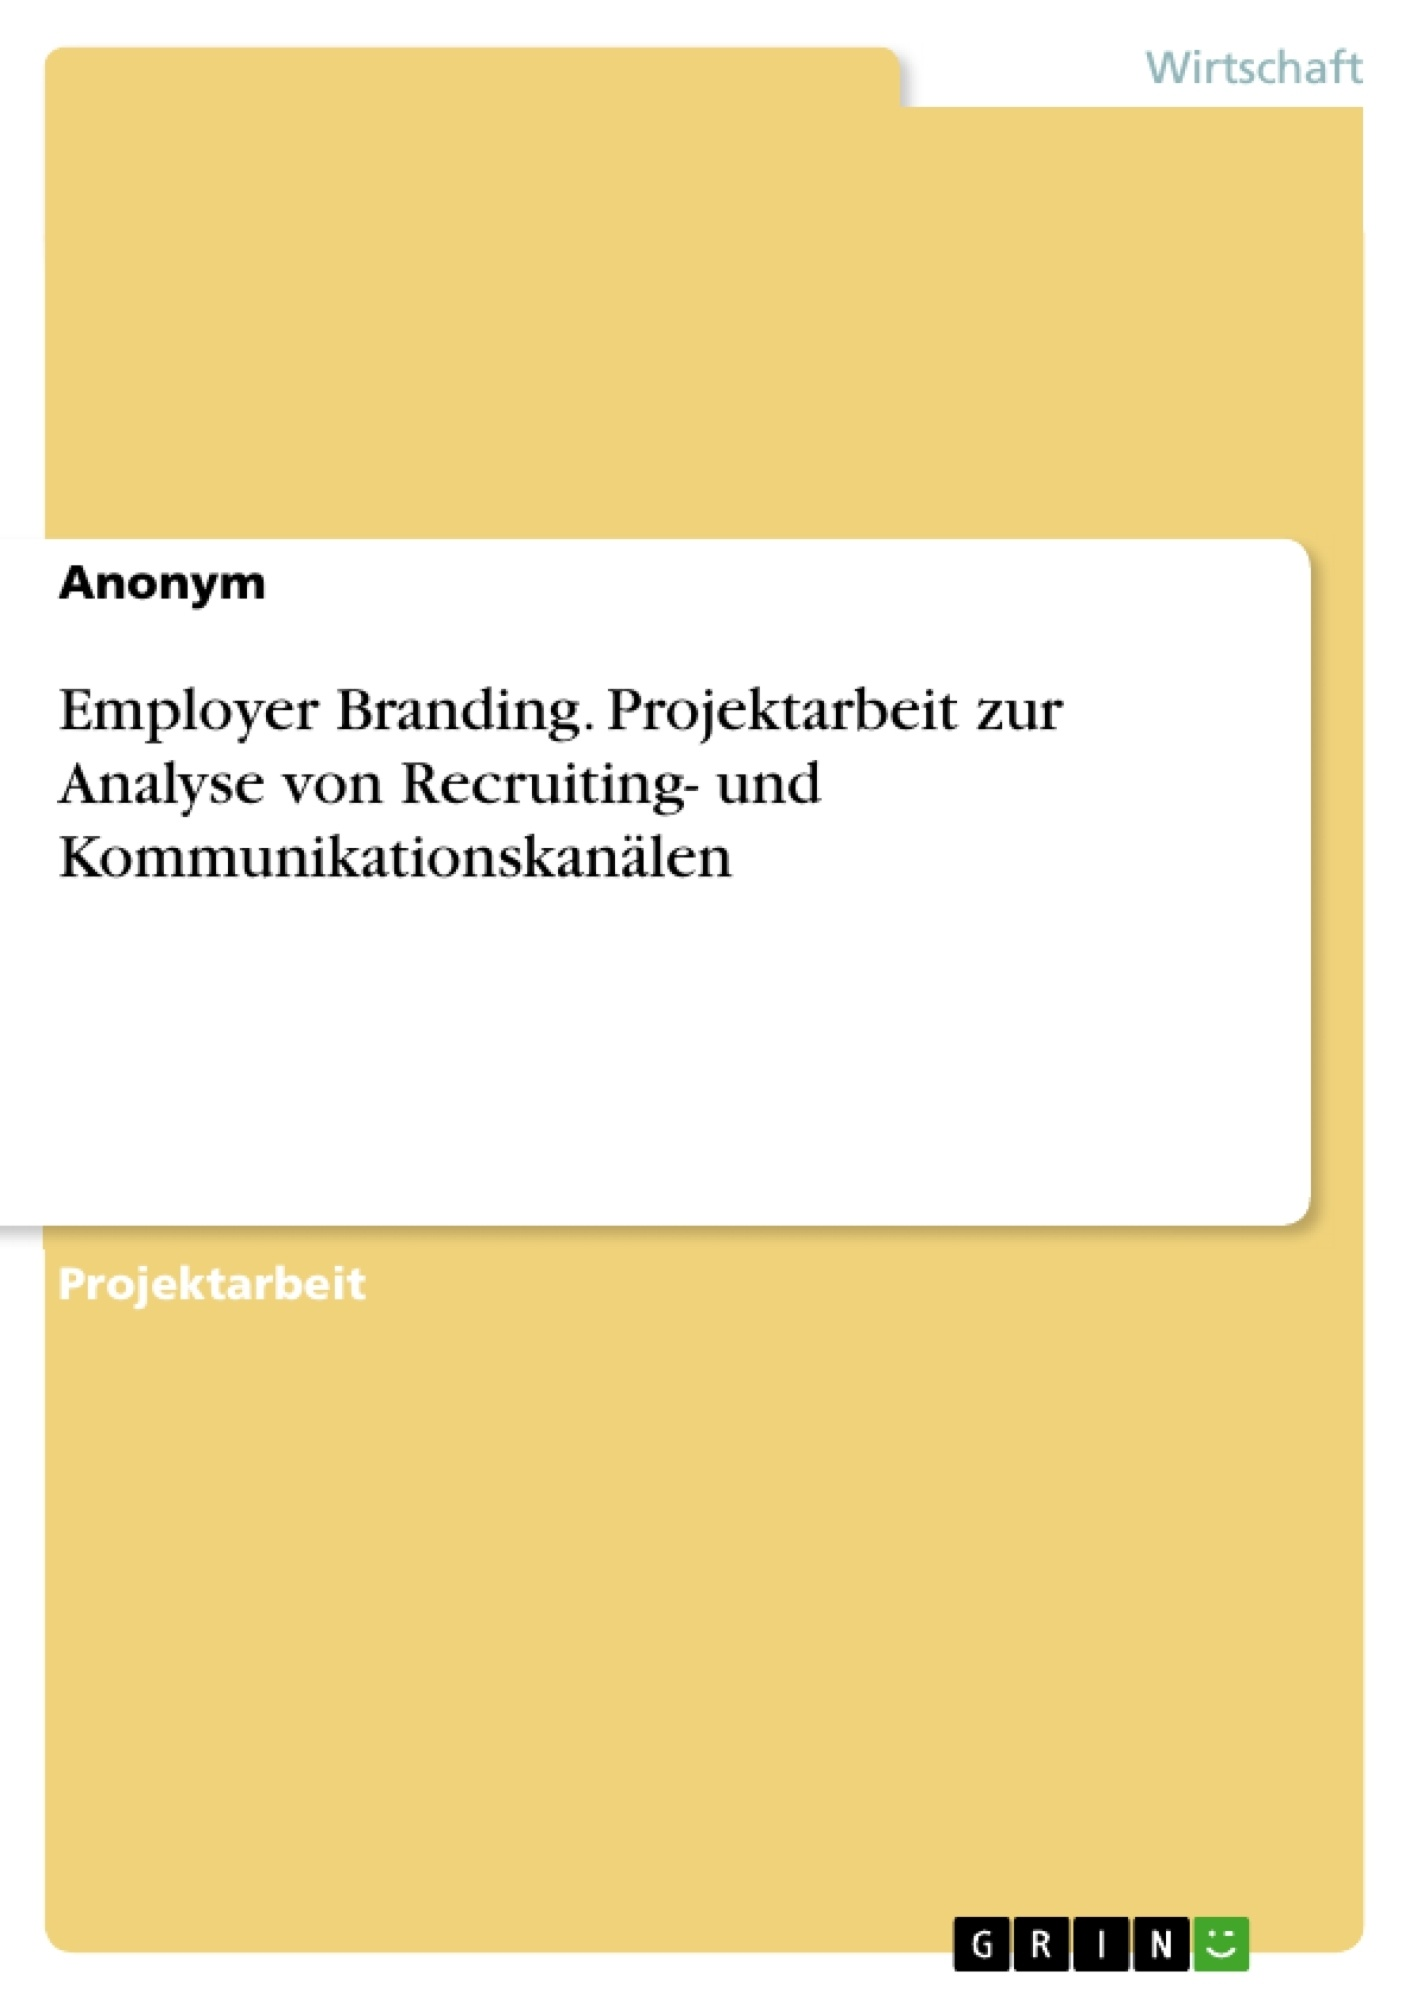 Titel: Employer Branding. Projektarbeit zur Analyse von Recruiting- und Kommunikationskanälen